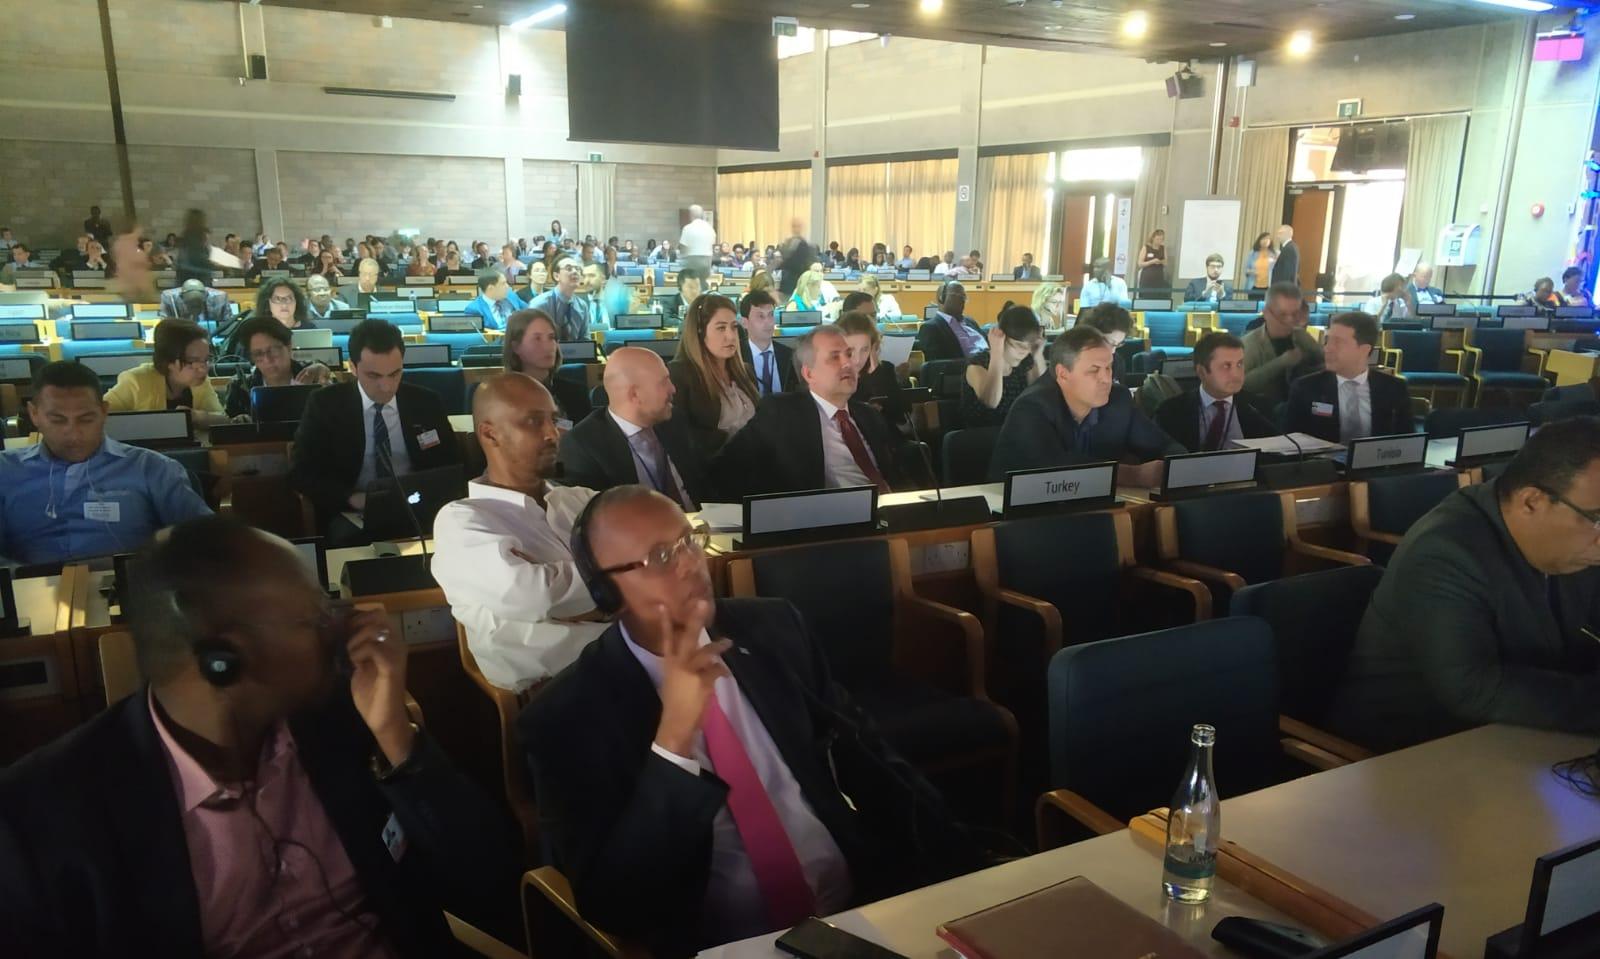 Çevre ve Şehircilik Bakan Yardımcısı Sn. Prof. Dr. Mehmet Emin BİRPINAR başkanlığındaki heyet, 4. Birleşmiş Milletler Çevre Asamblesi'ne katılım sağladı.